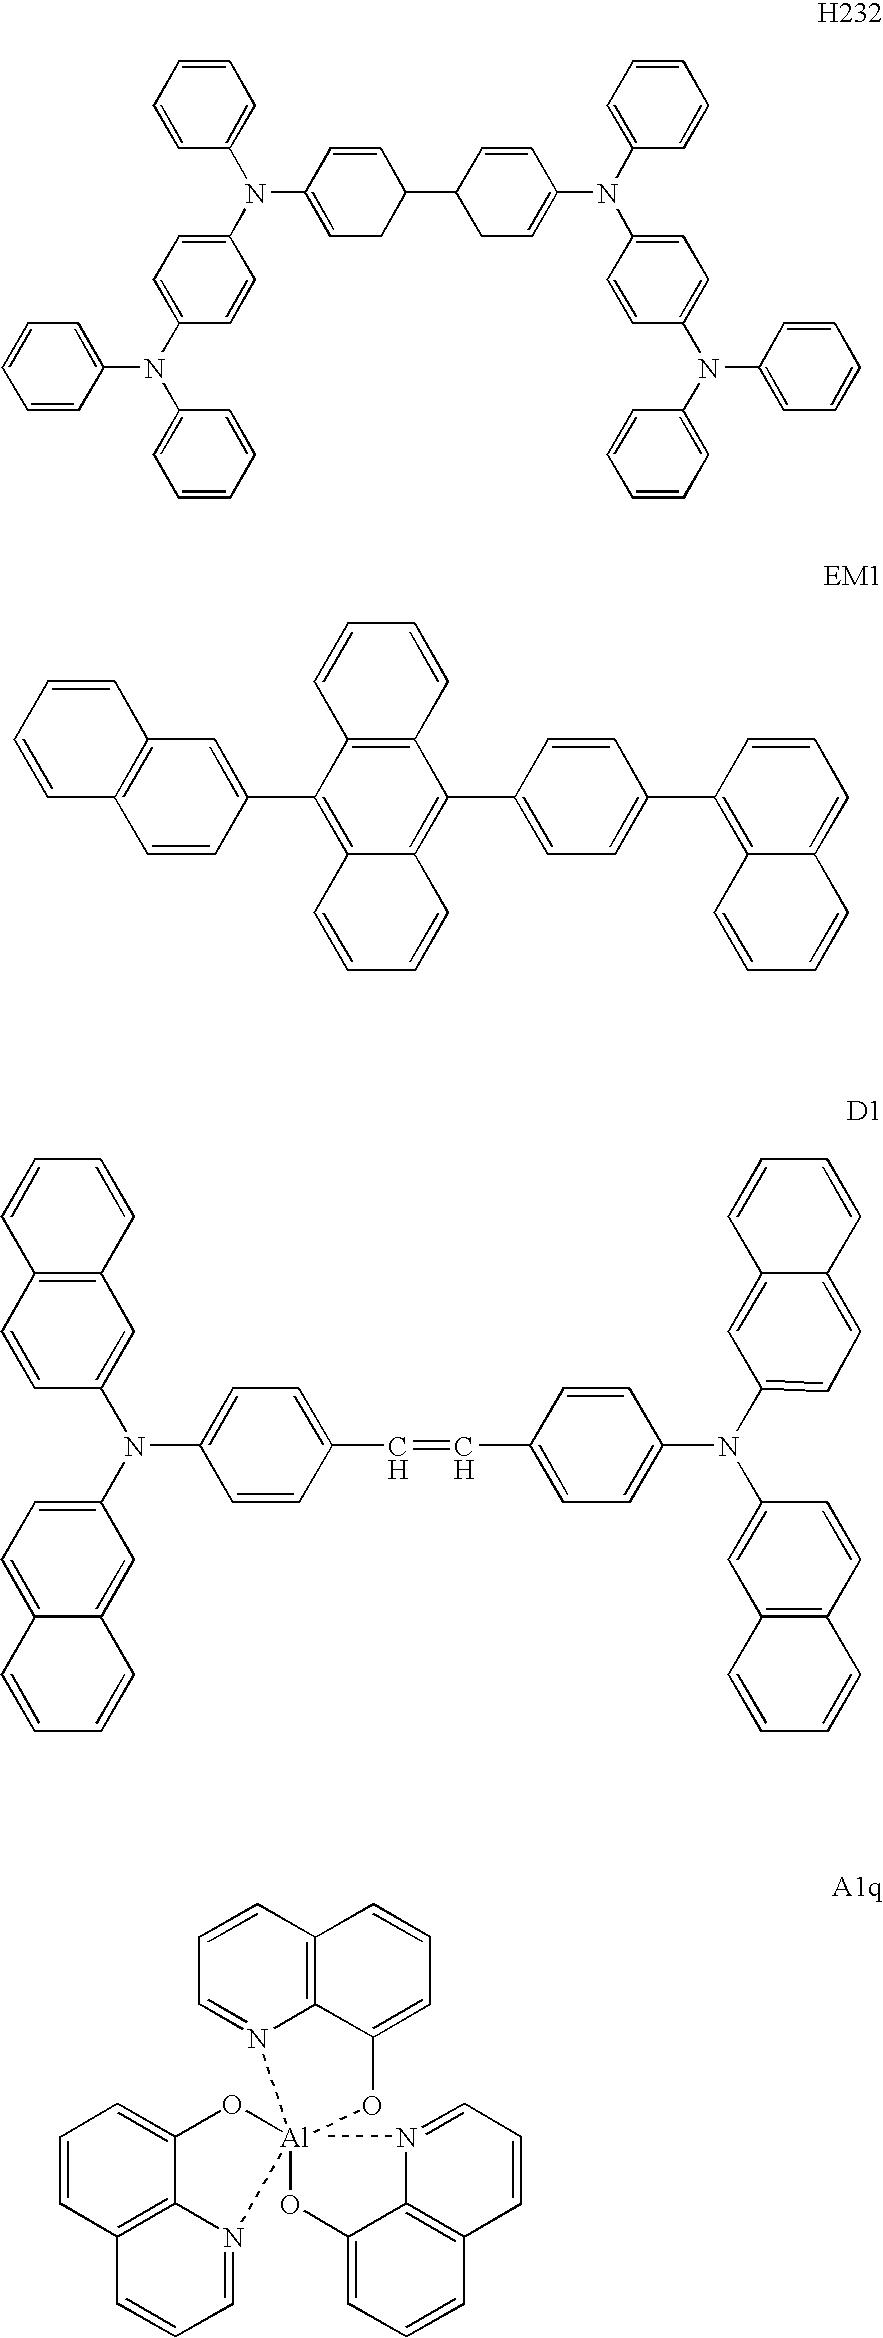 Figure US20070278938A1-20071206-C00057